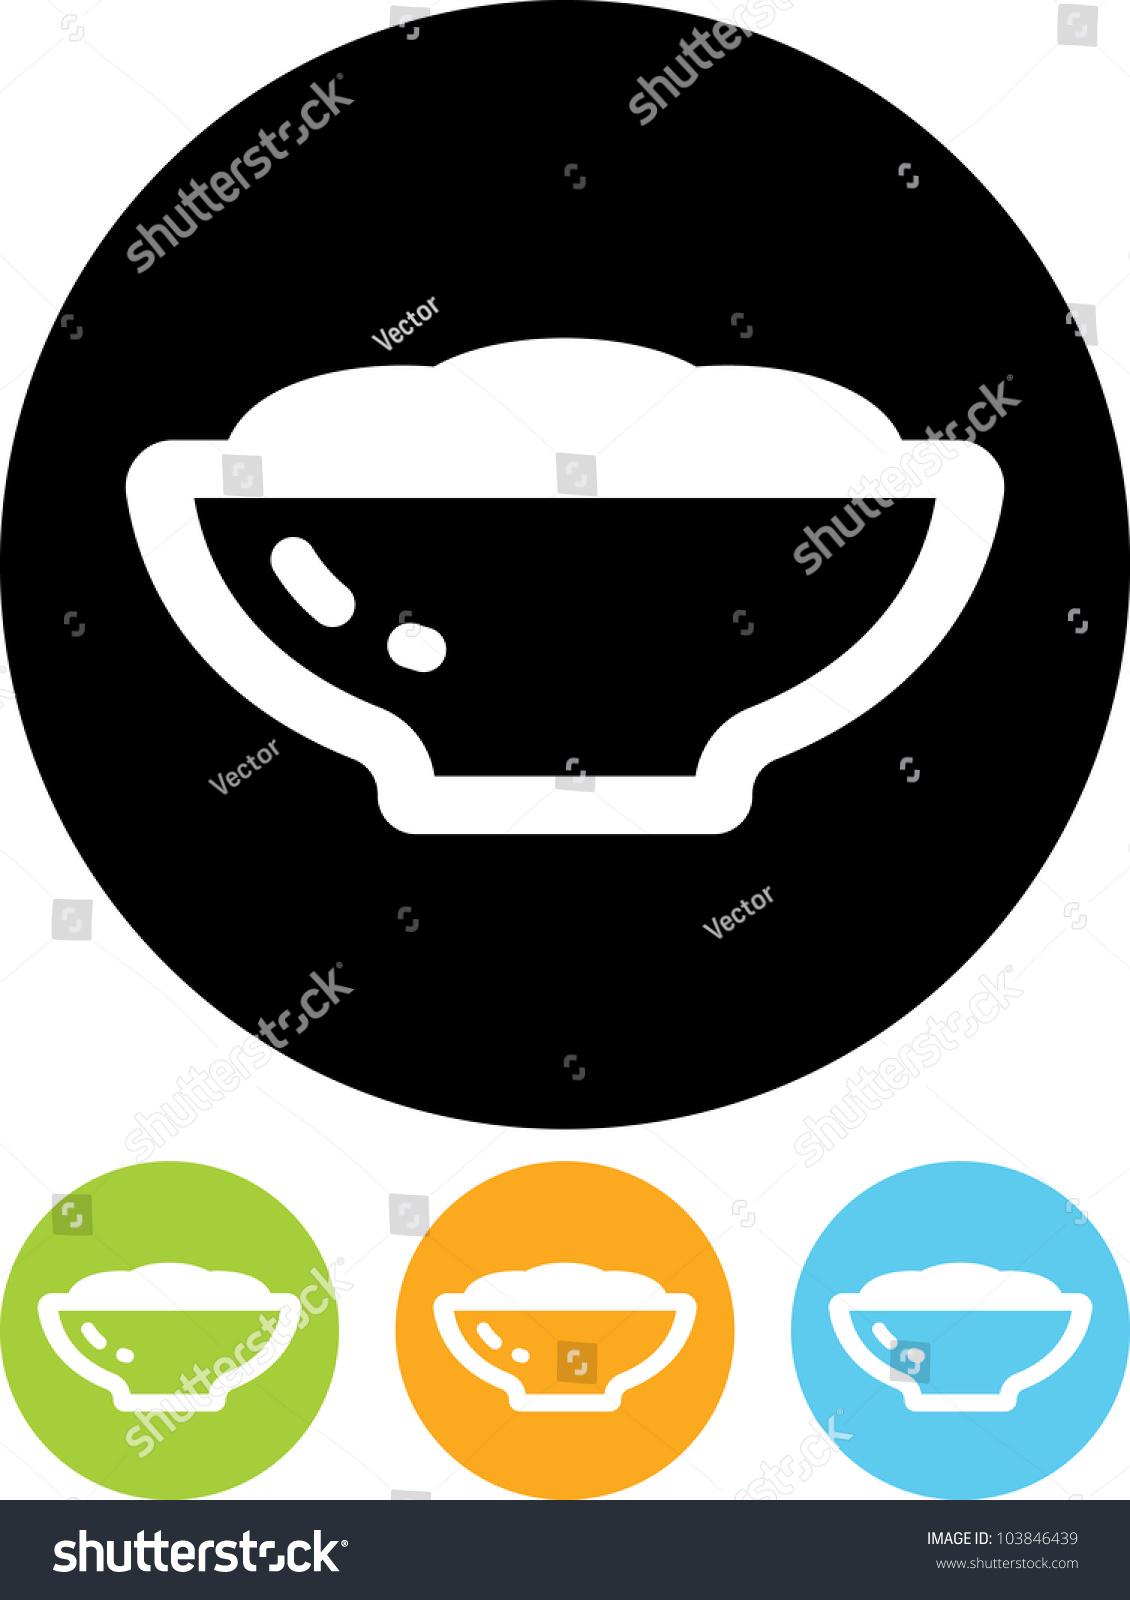 餐盘——矢量图标孤立-食品及饮料,物体-海洛创意()-.